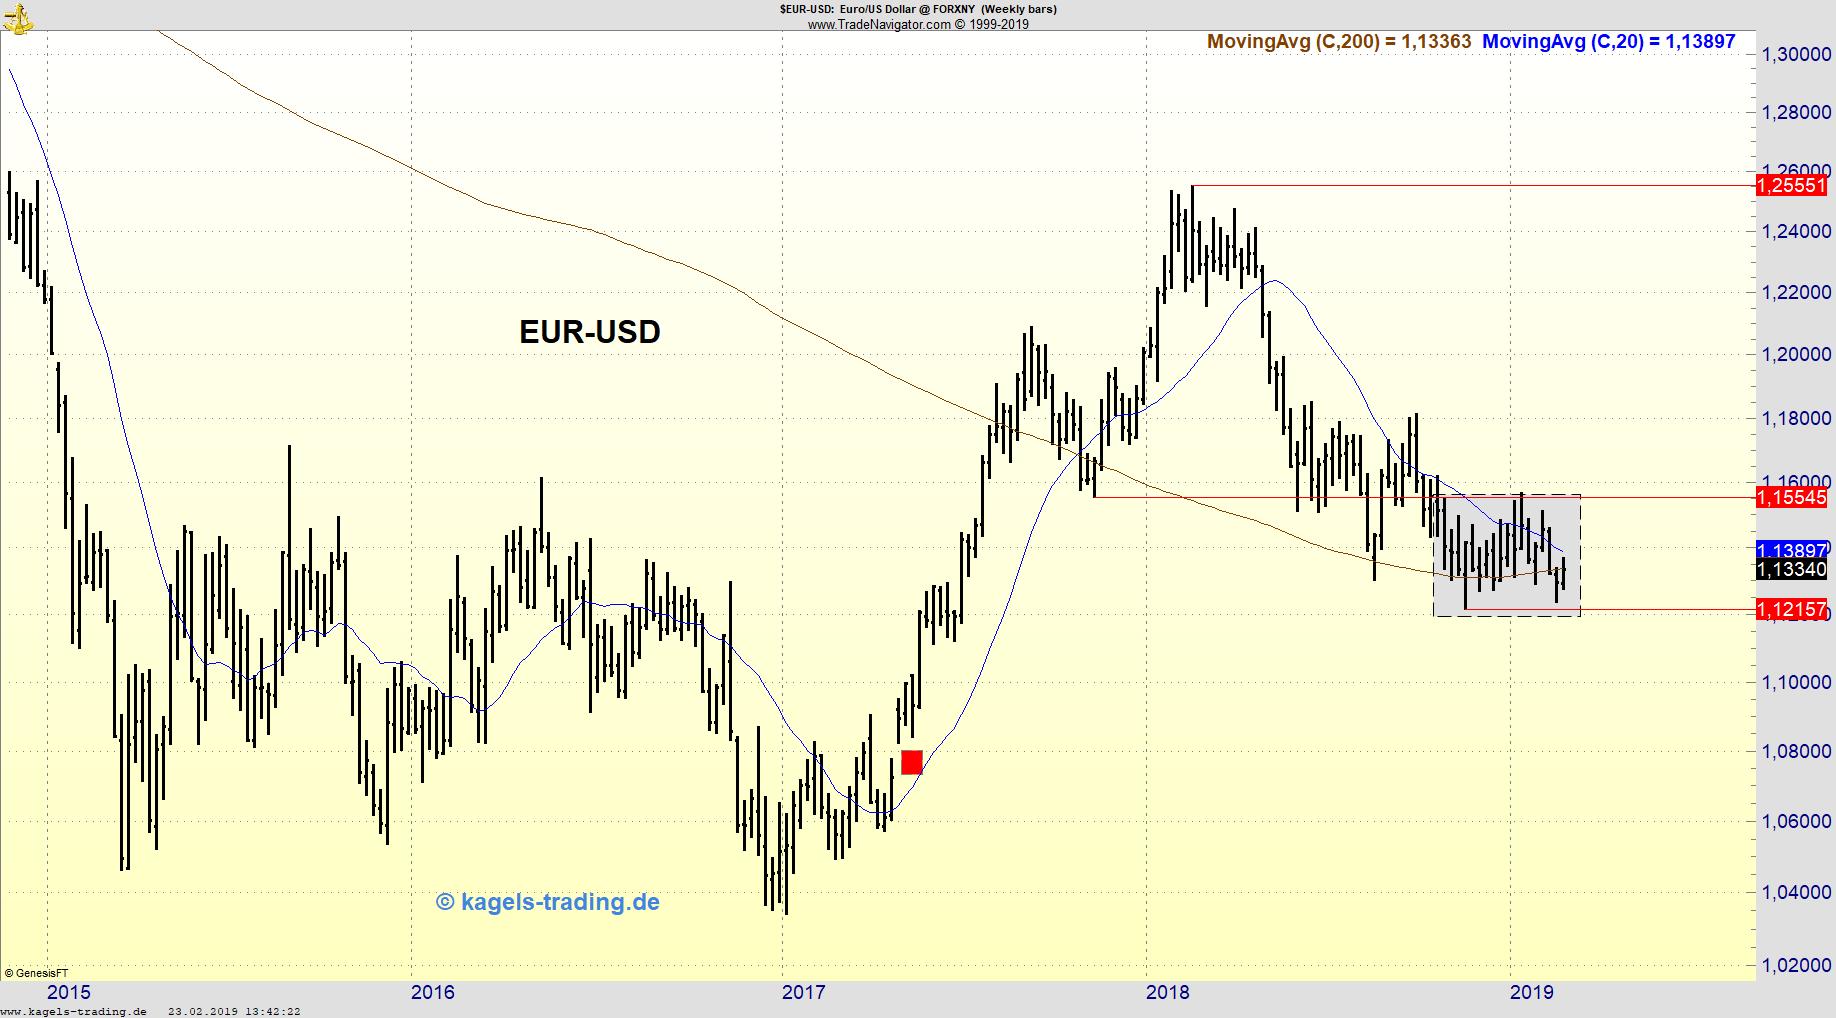 Wochenchart EUR/USD mit Konsolidierungszone